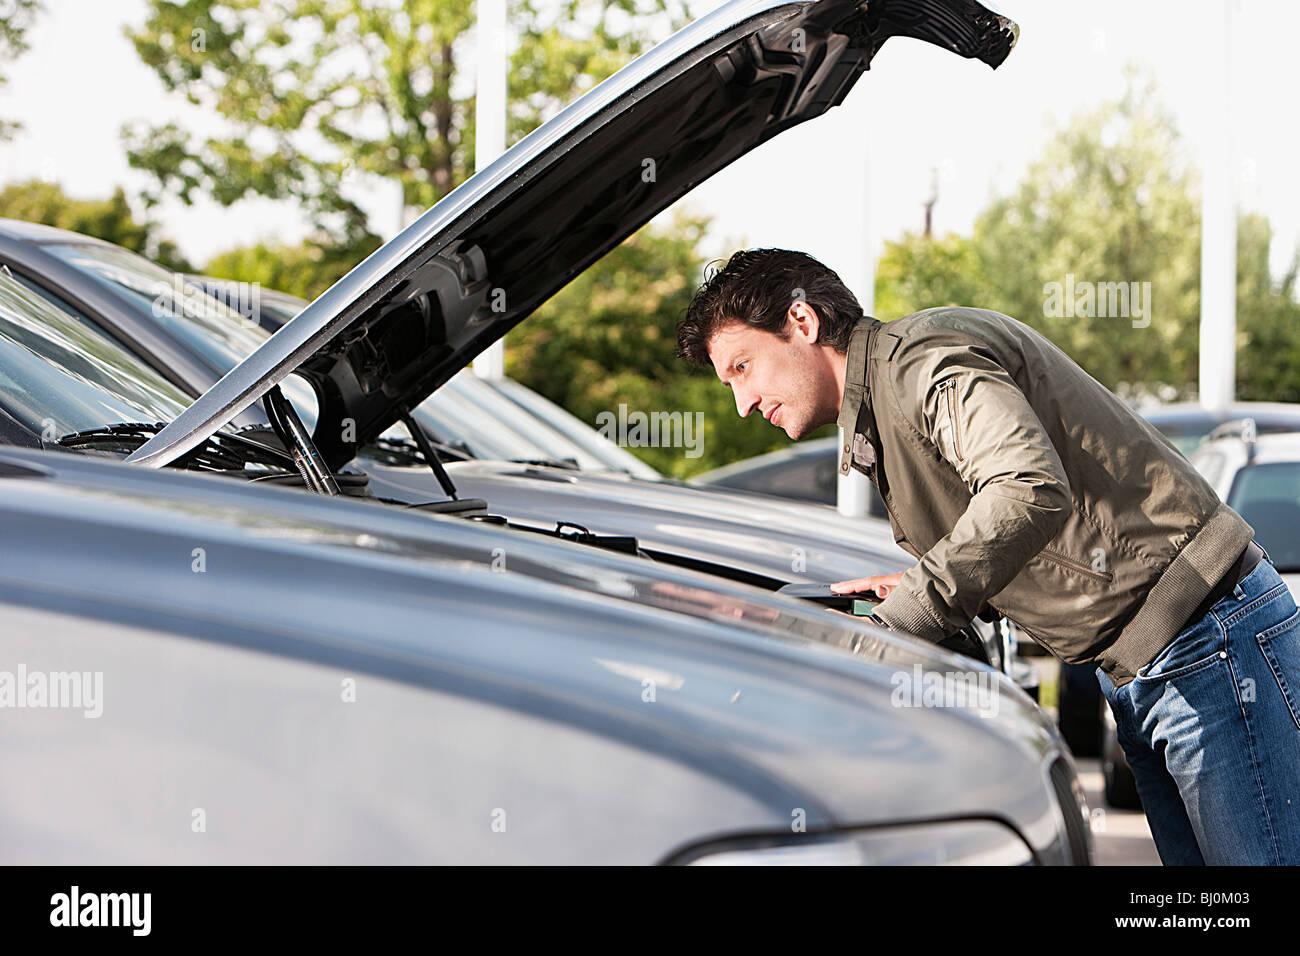 Mann an Kfz-Händler prüfen Motor Autos Stockbild